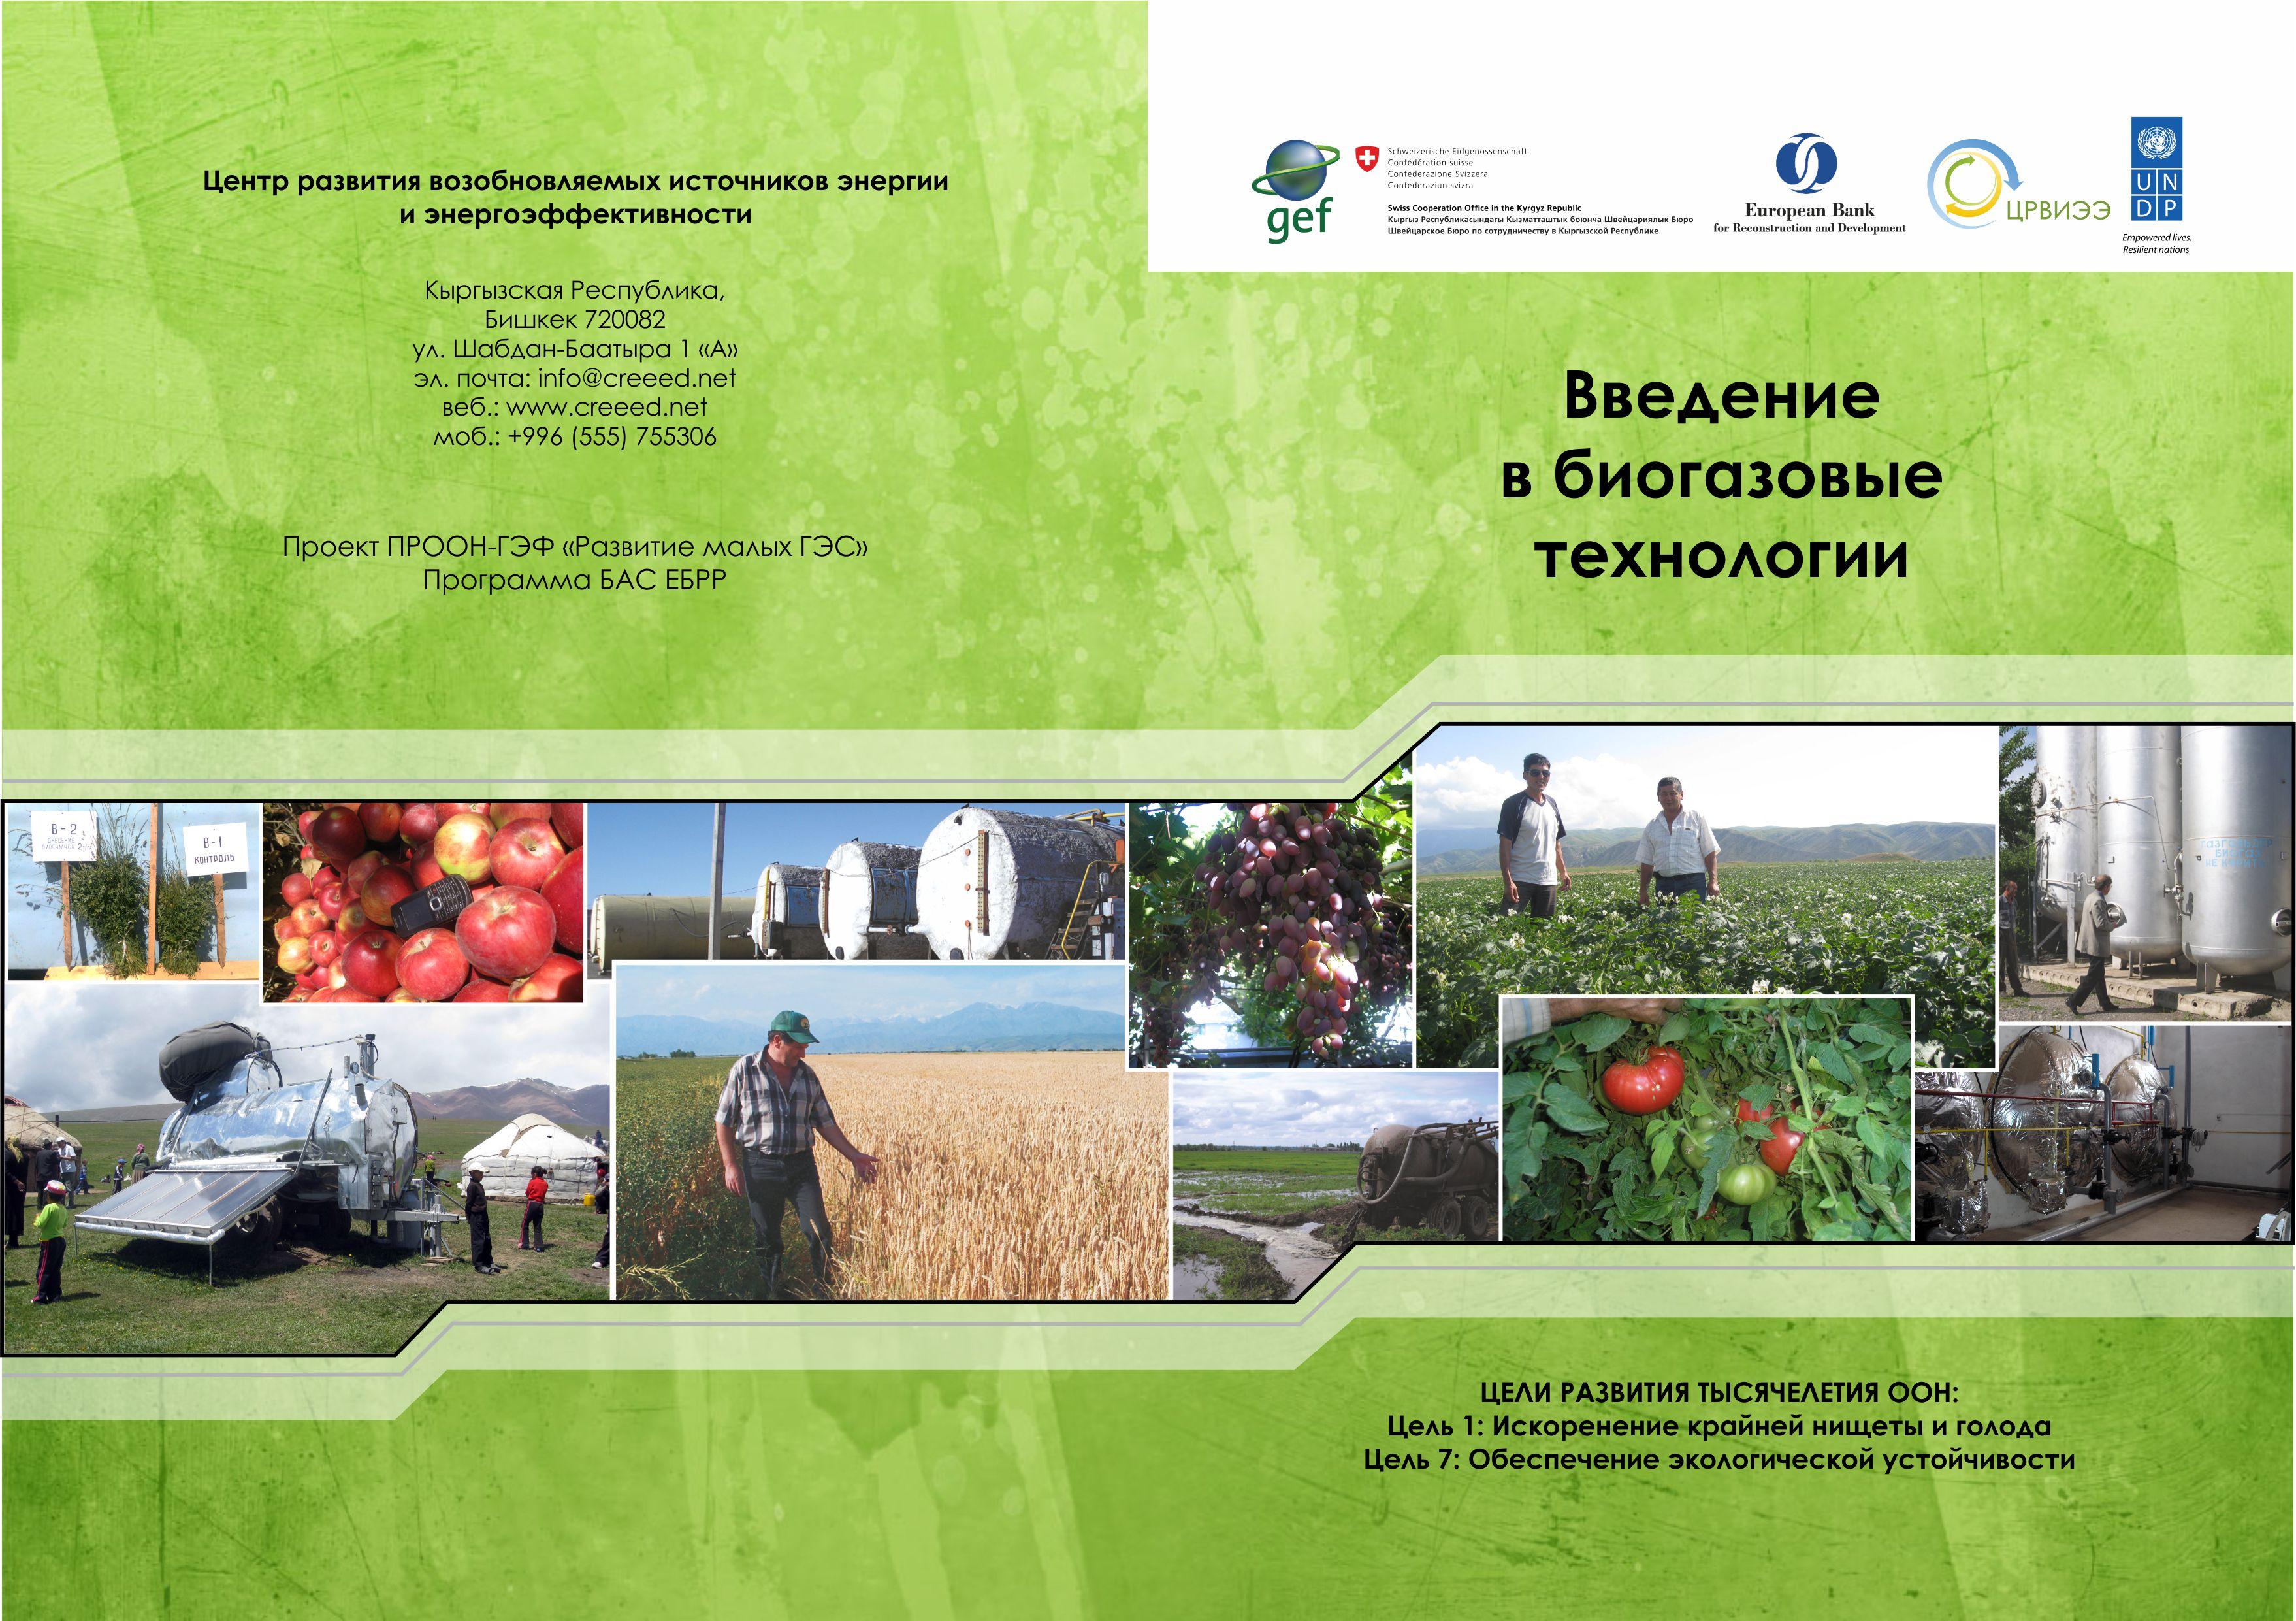 Биогазовые технологии рус